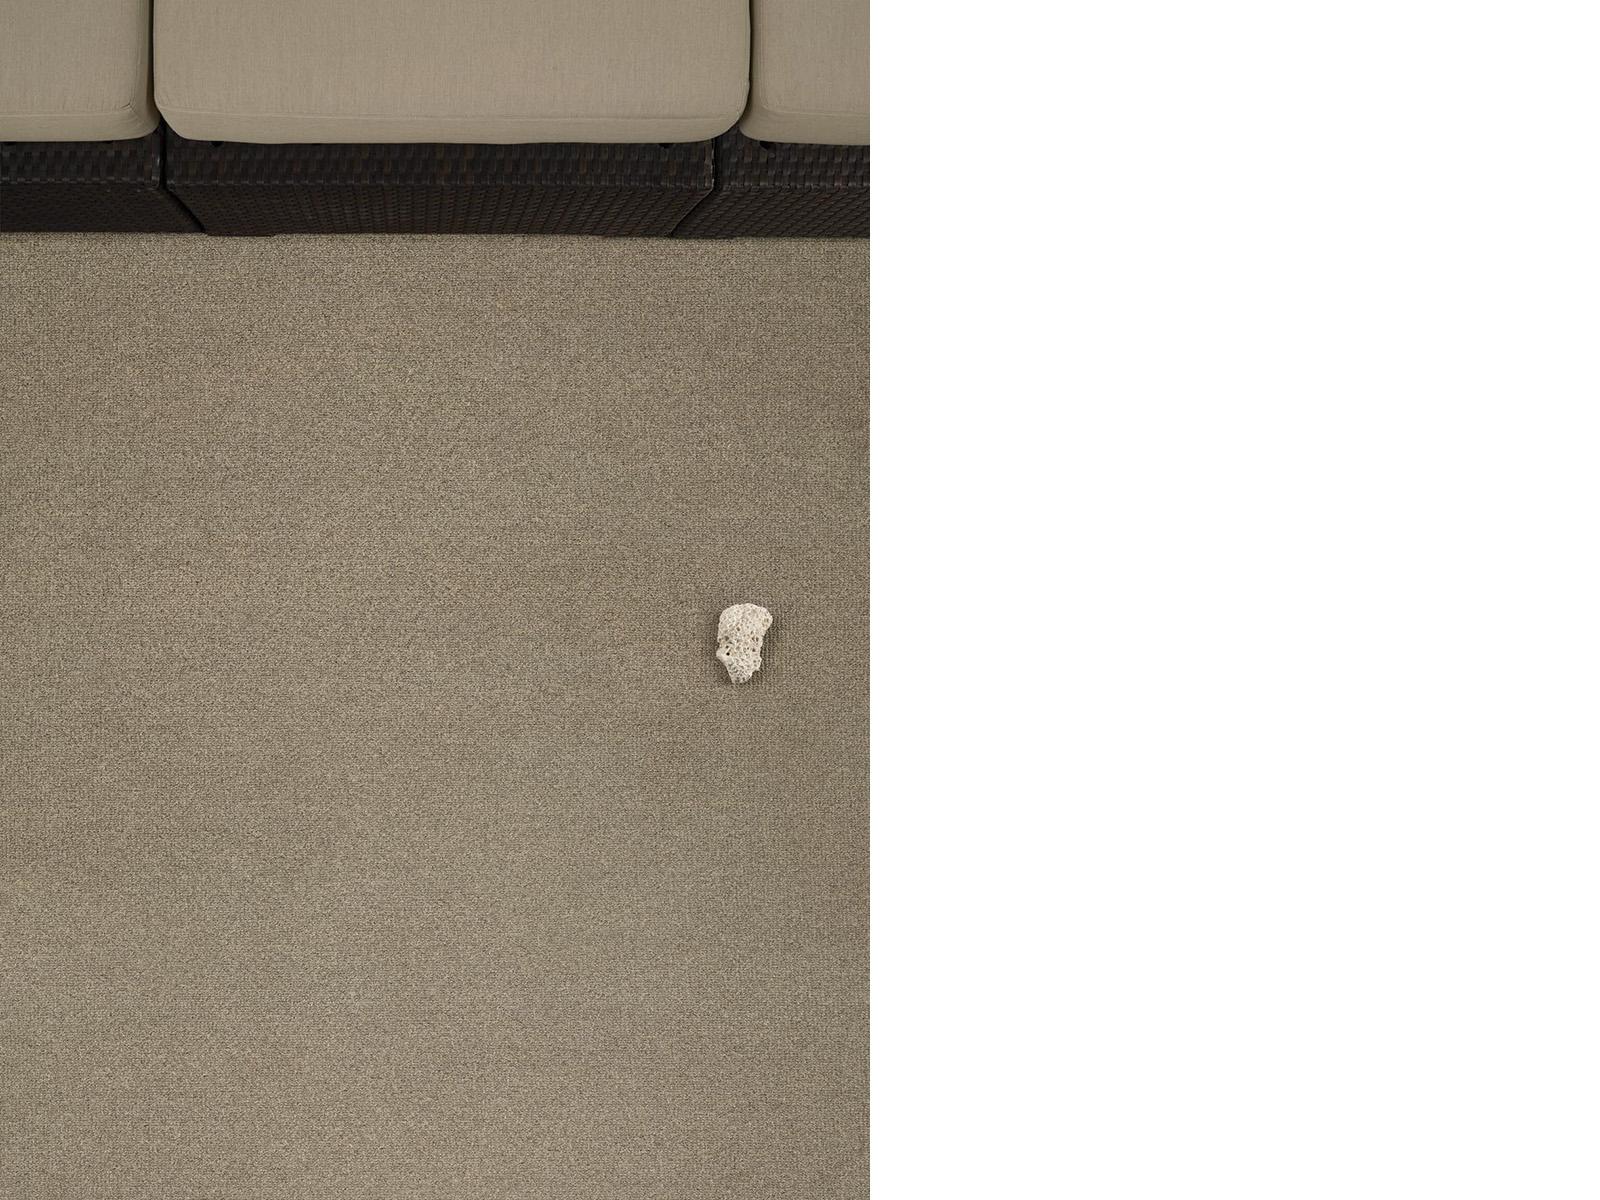 Schön zu wissen, man könnte, 2012, 91 x 66 cm, Lightbox